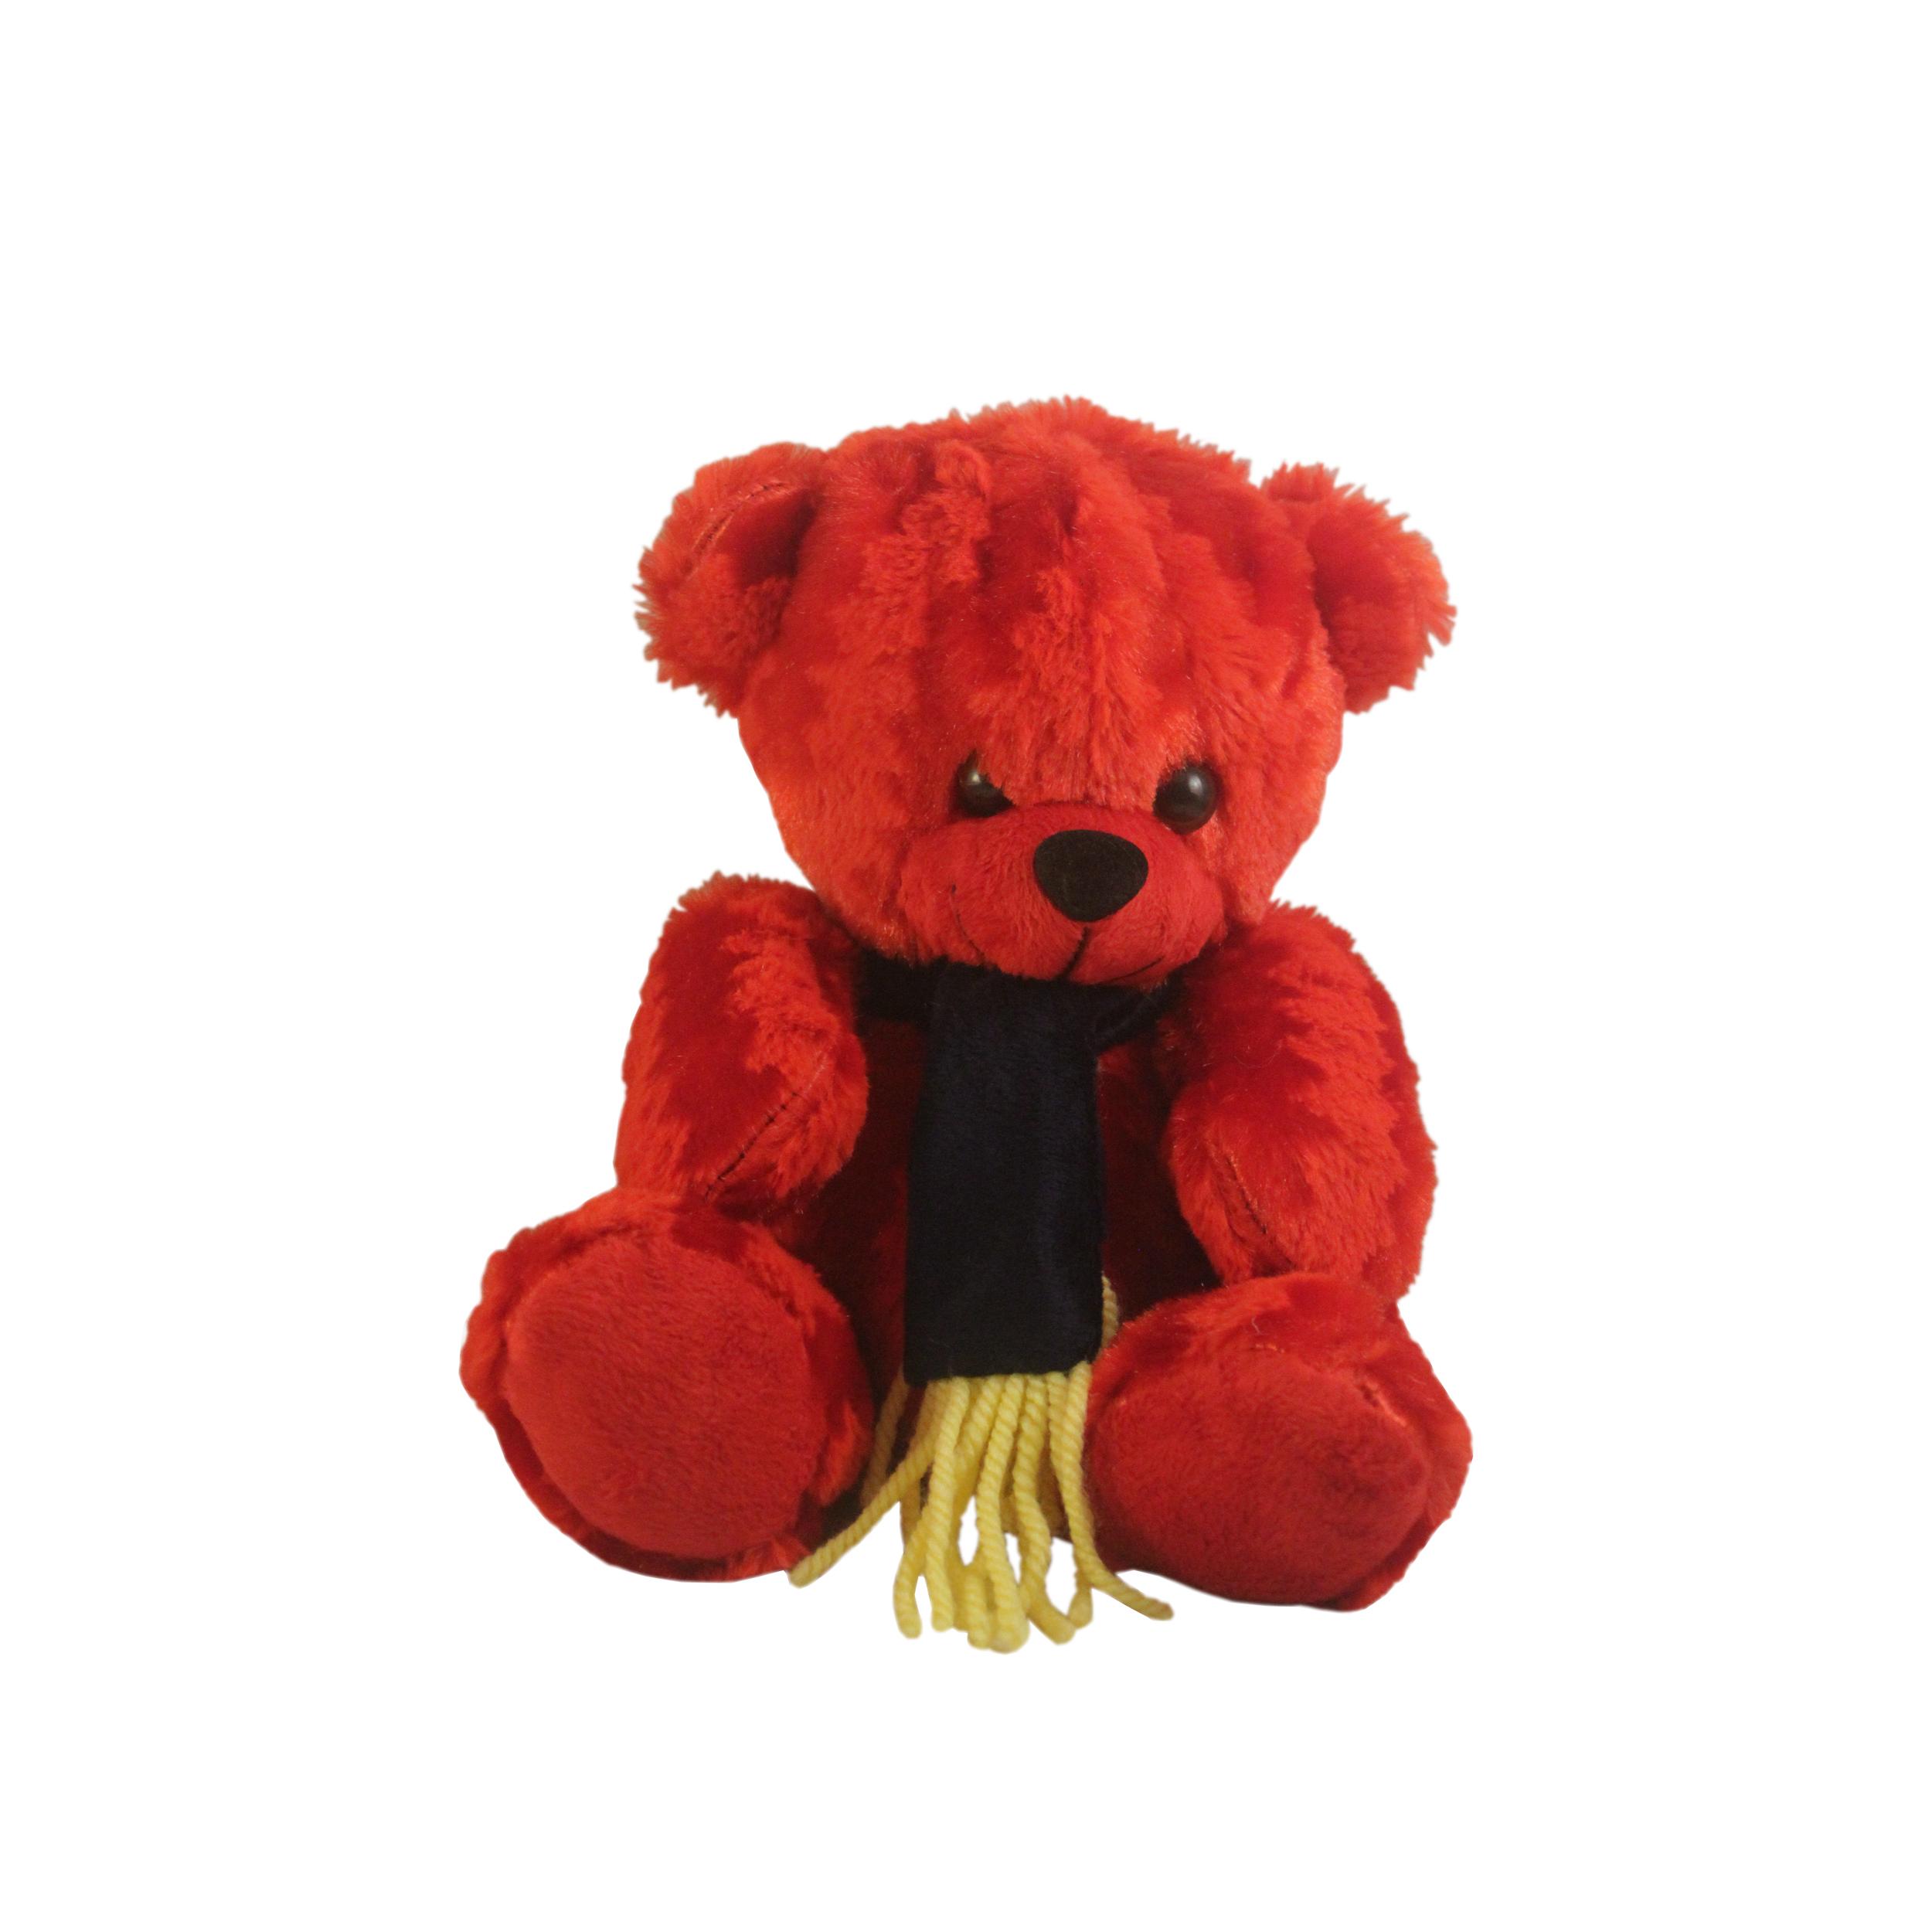 عروسک طرح خرس خندان مدل Scarf 12 ارتفاع 20 سانتی متر